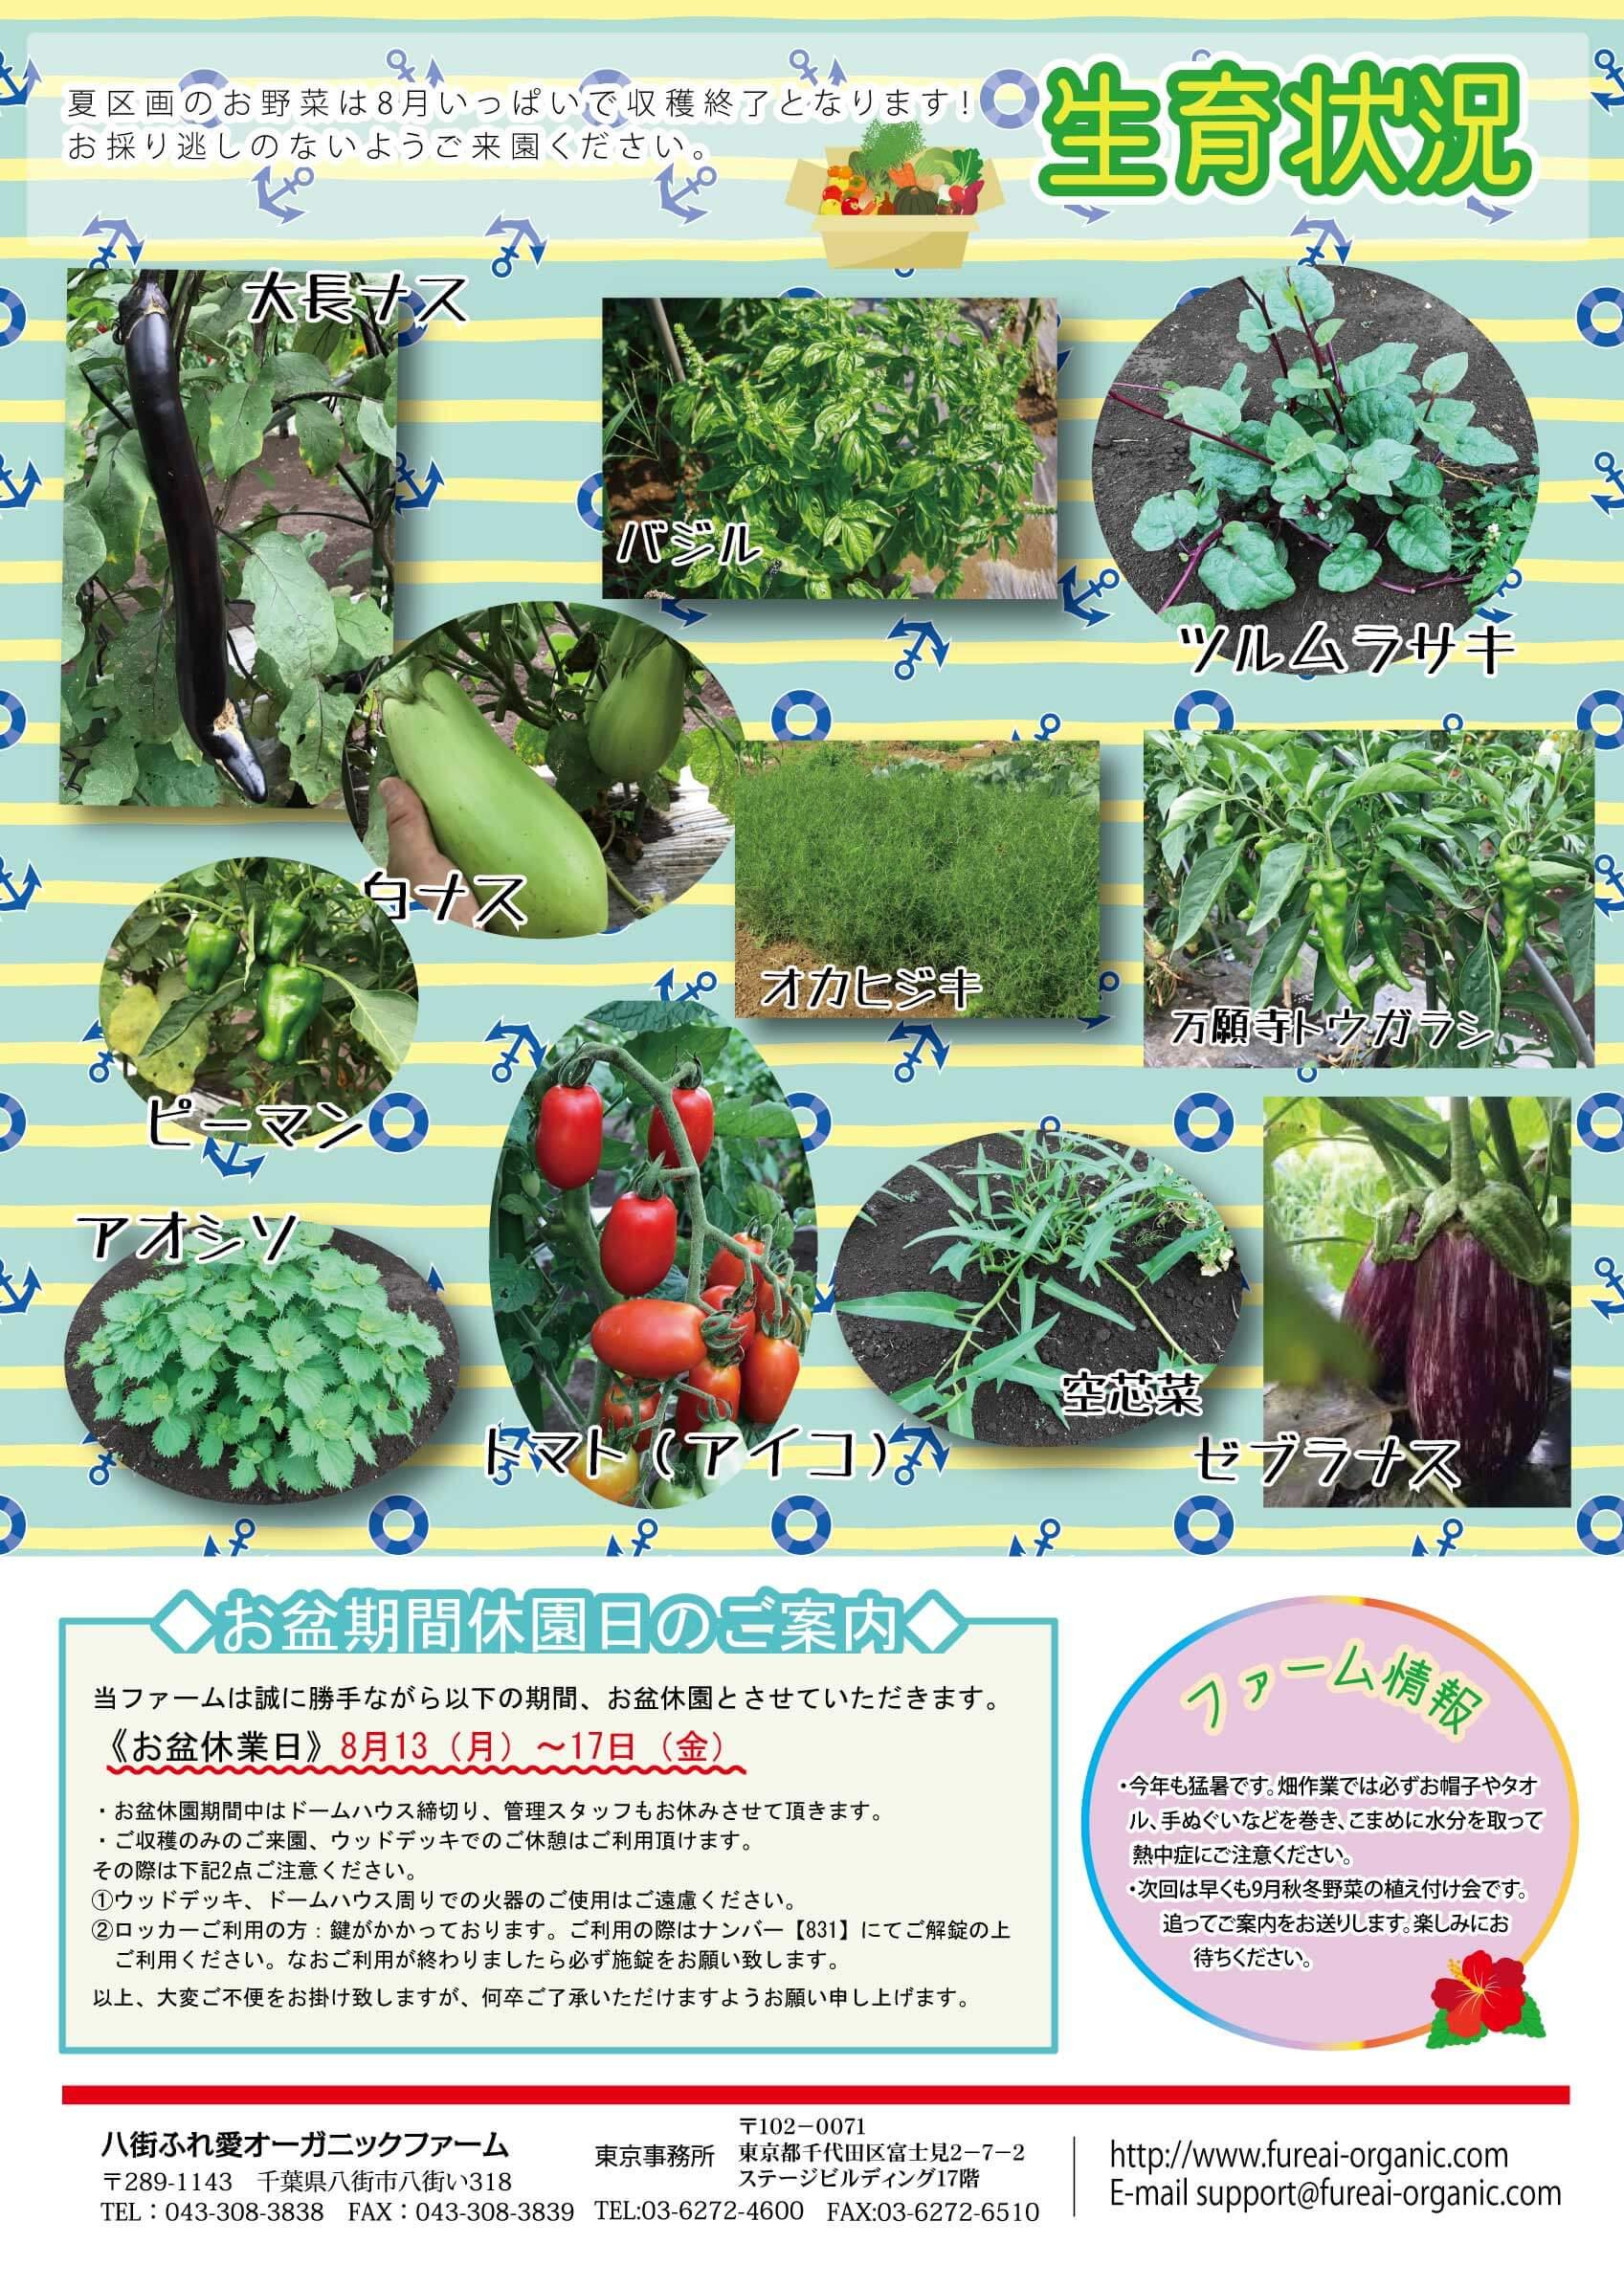 夏区画のお野菜は8月いぱいで収穫終了となります!おとりの逃しのないようご来園ください